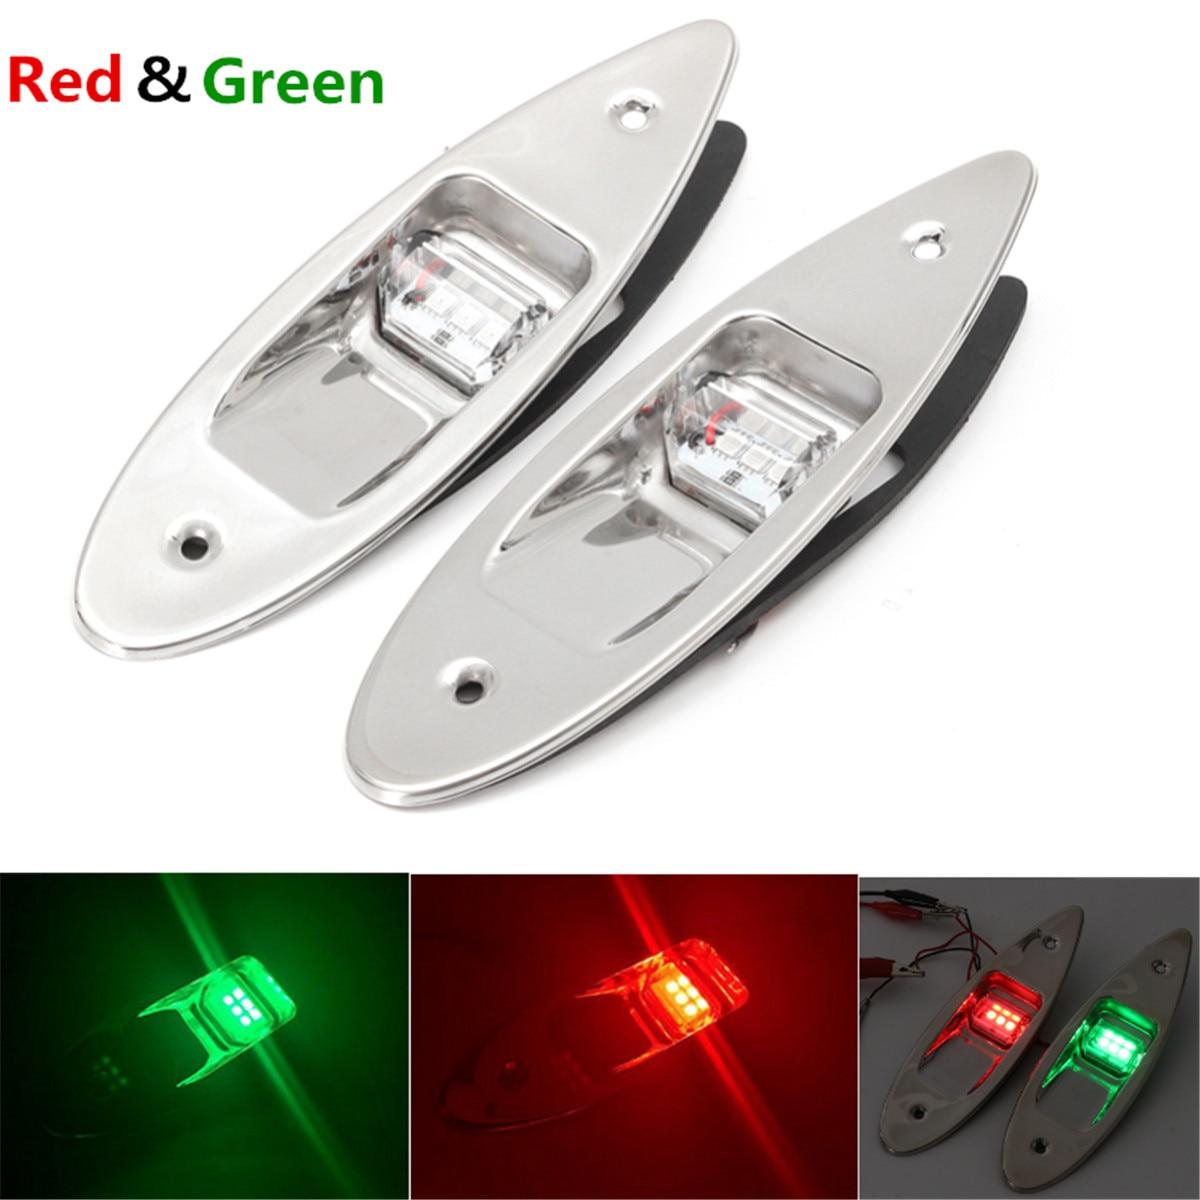 2Pcs Universal Lights Boat Boat LED Navigation Lights Red Green Waterproof Marine Boat LED Side Marker Navigation Mount Light